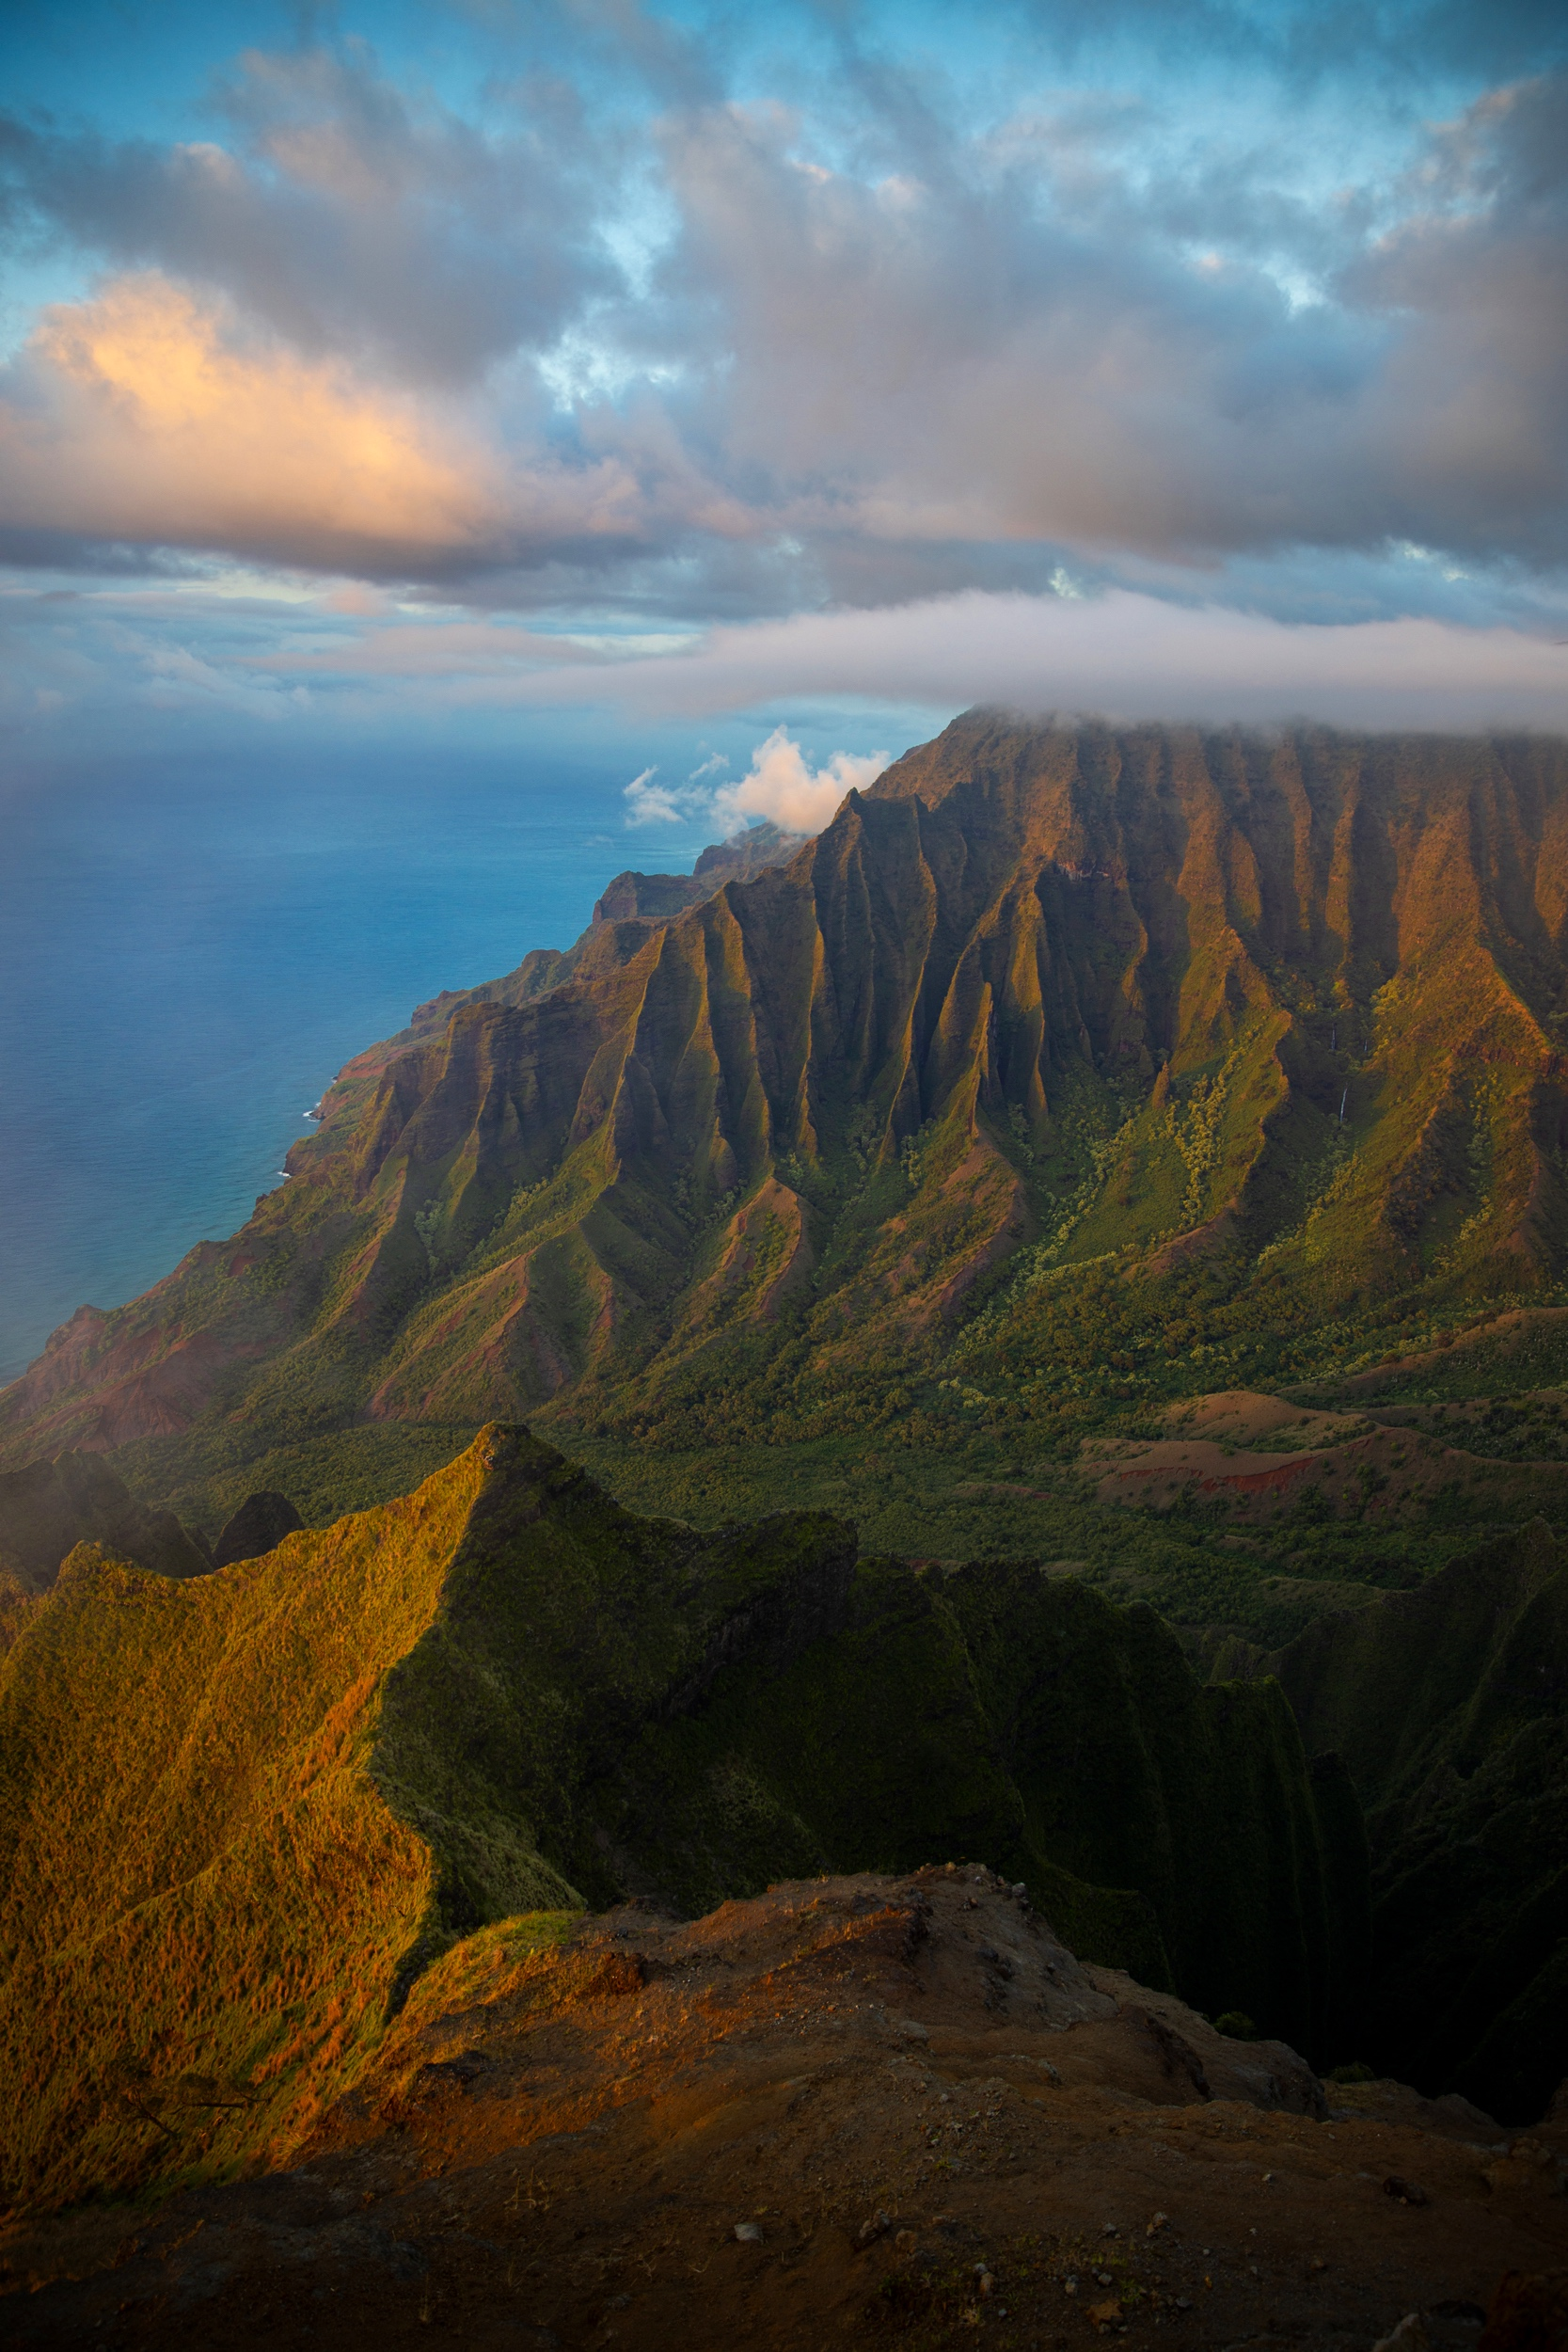 Kalalau Valley